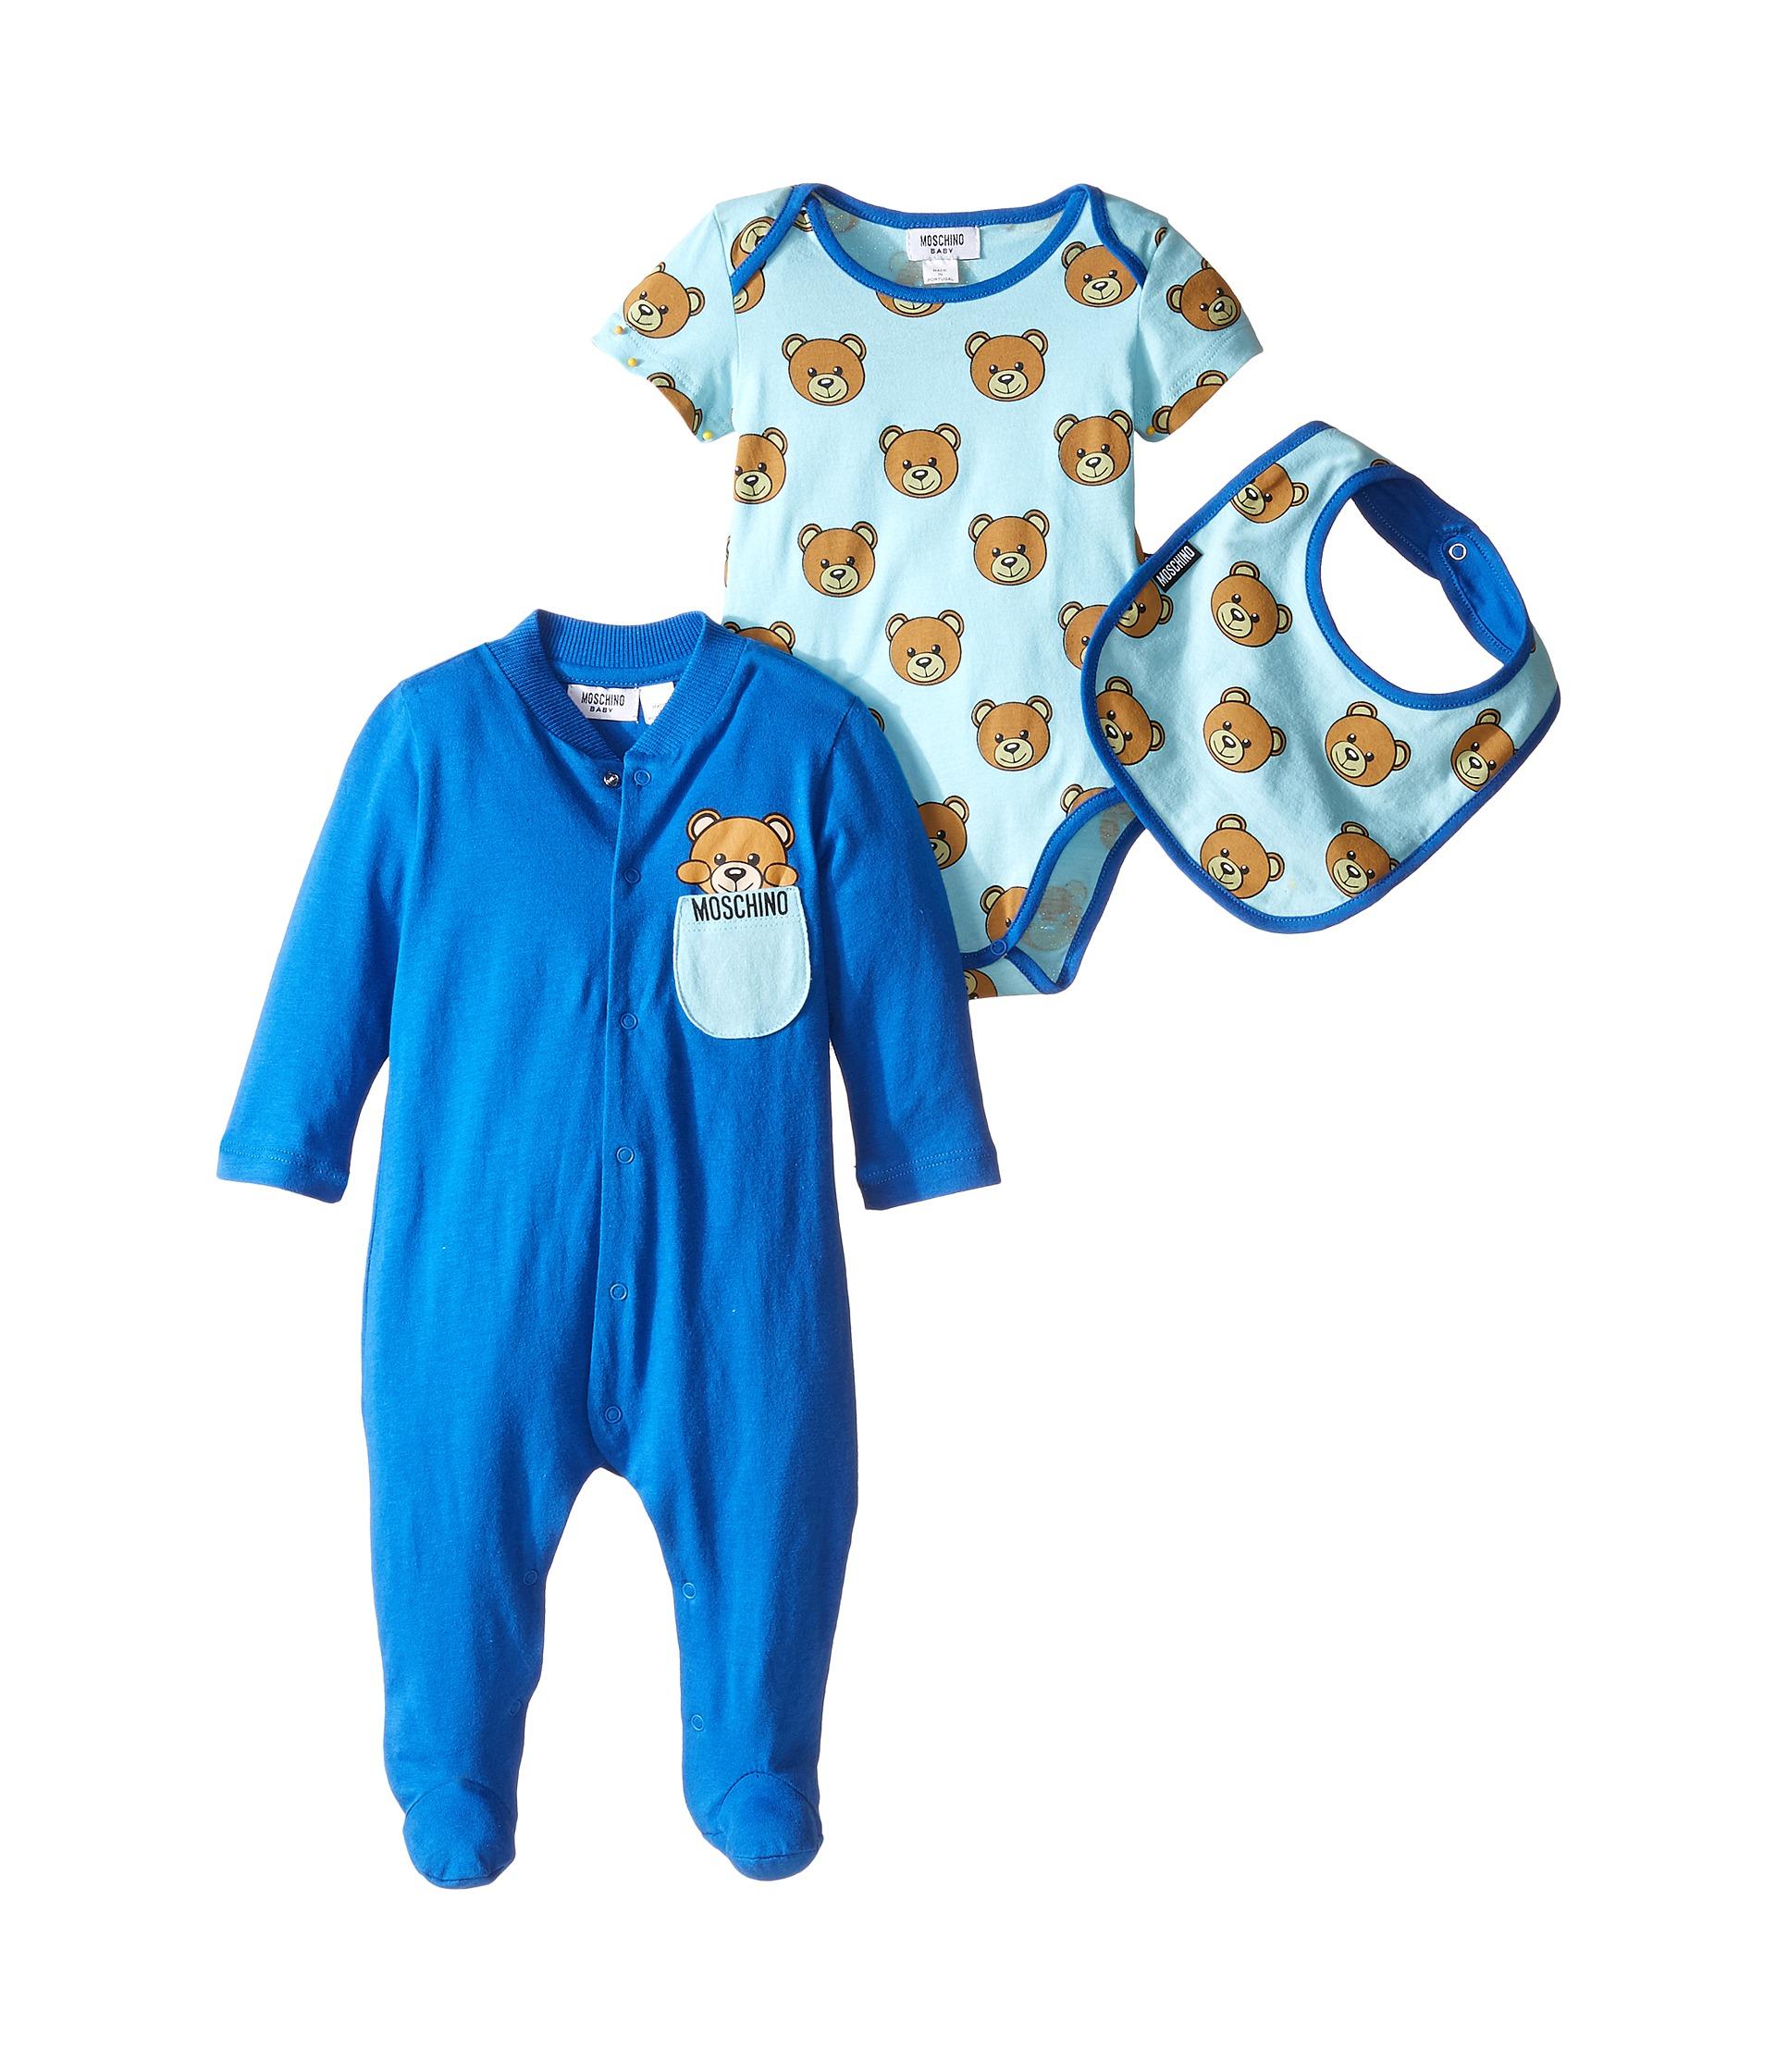 Moschino Kids Teddy Bear Footie Body and Bib Set Infant